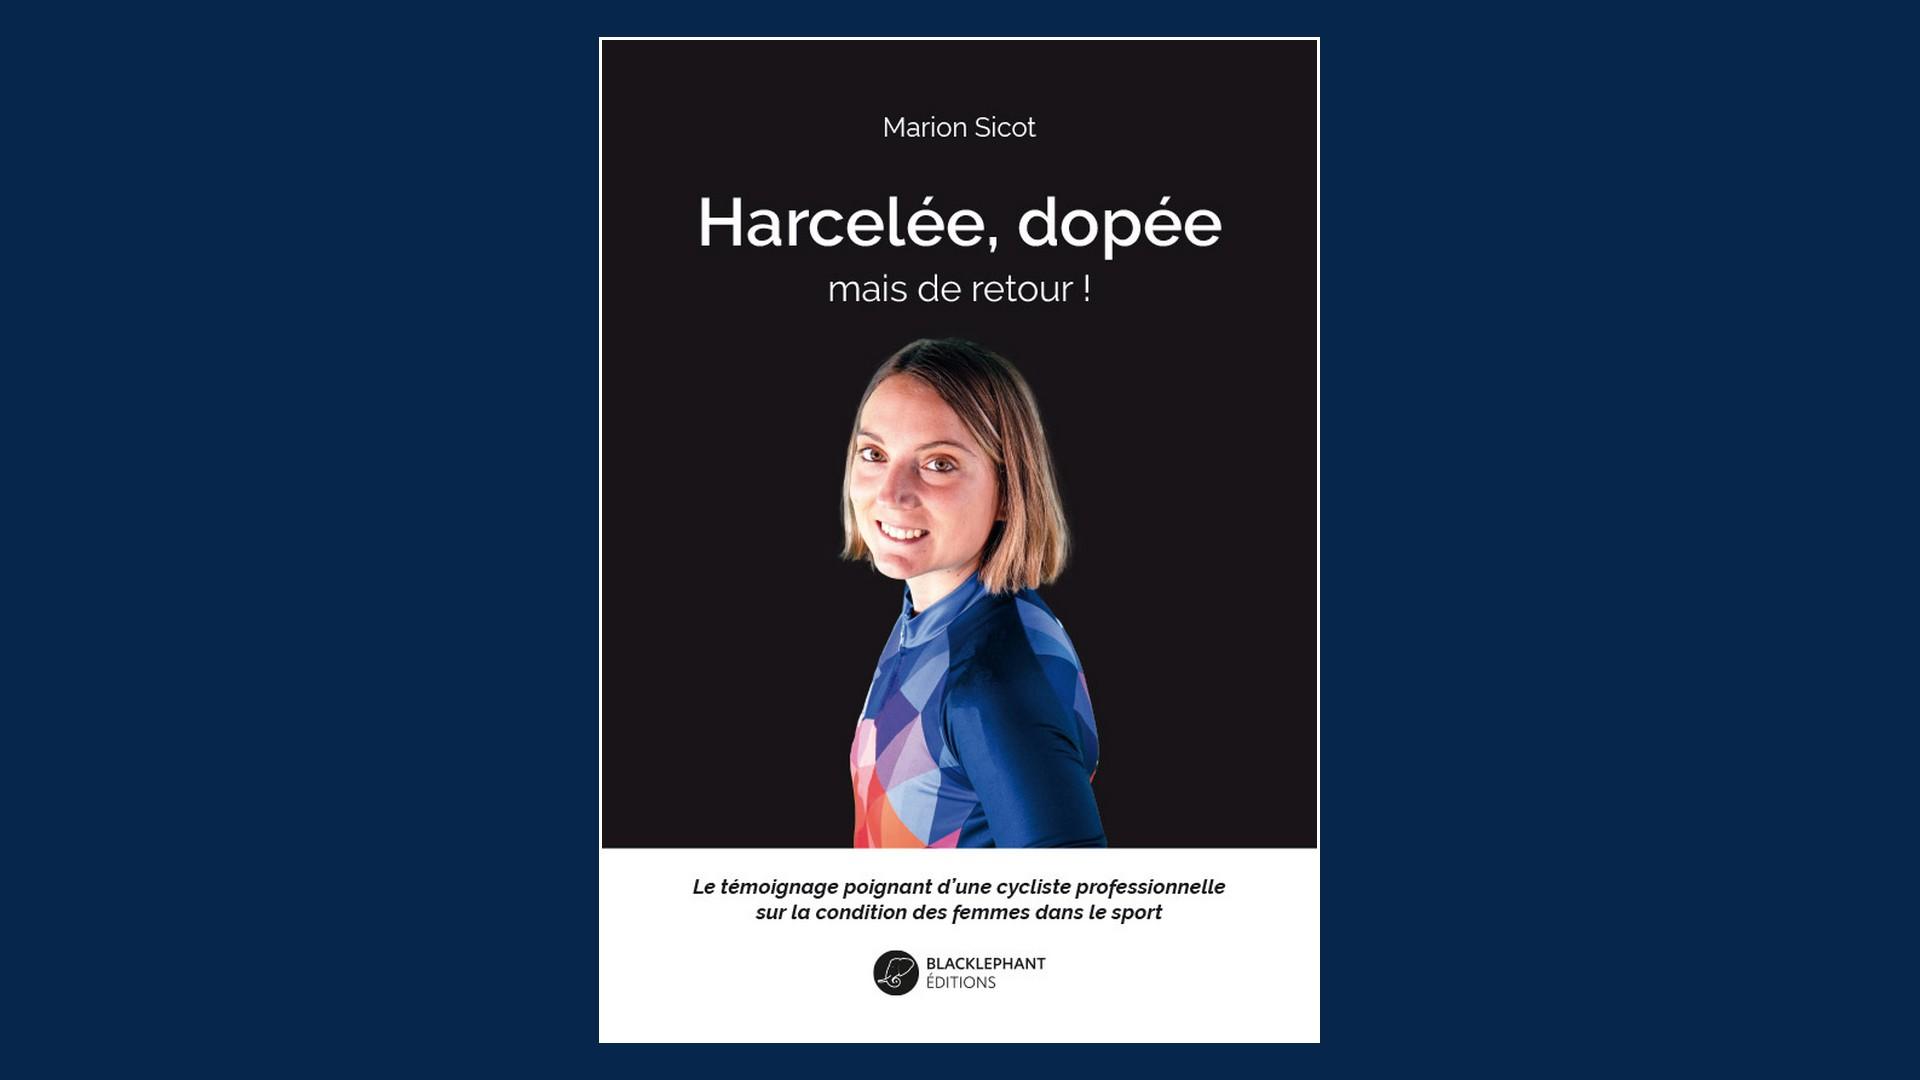 Livres – Harcelée, dopée mais de retour – Marion Sicot (2021)